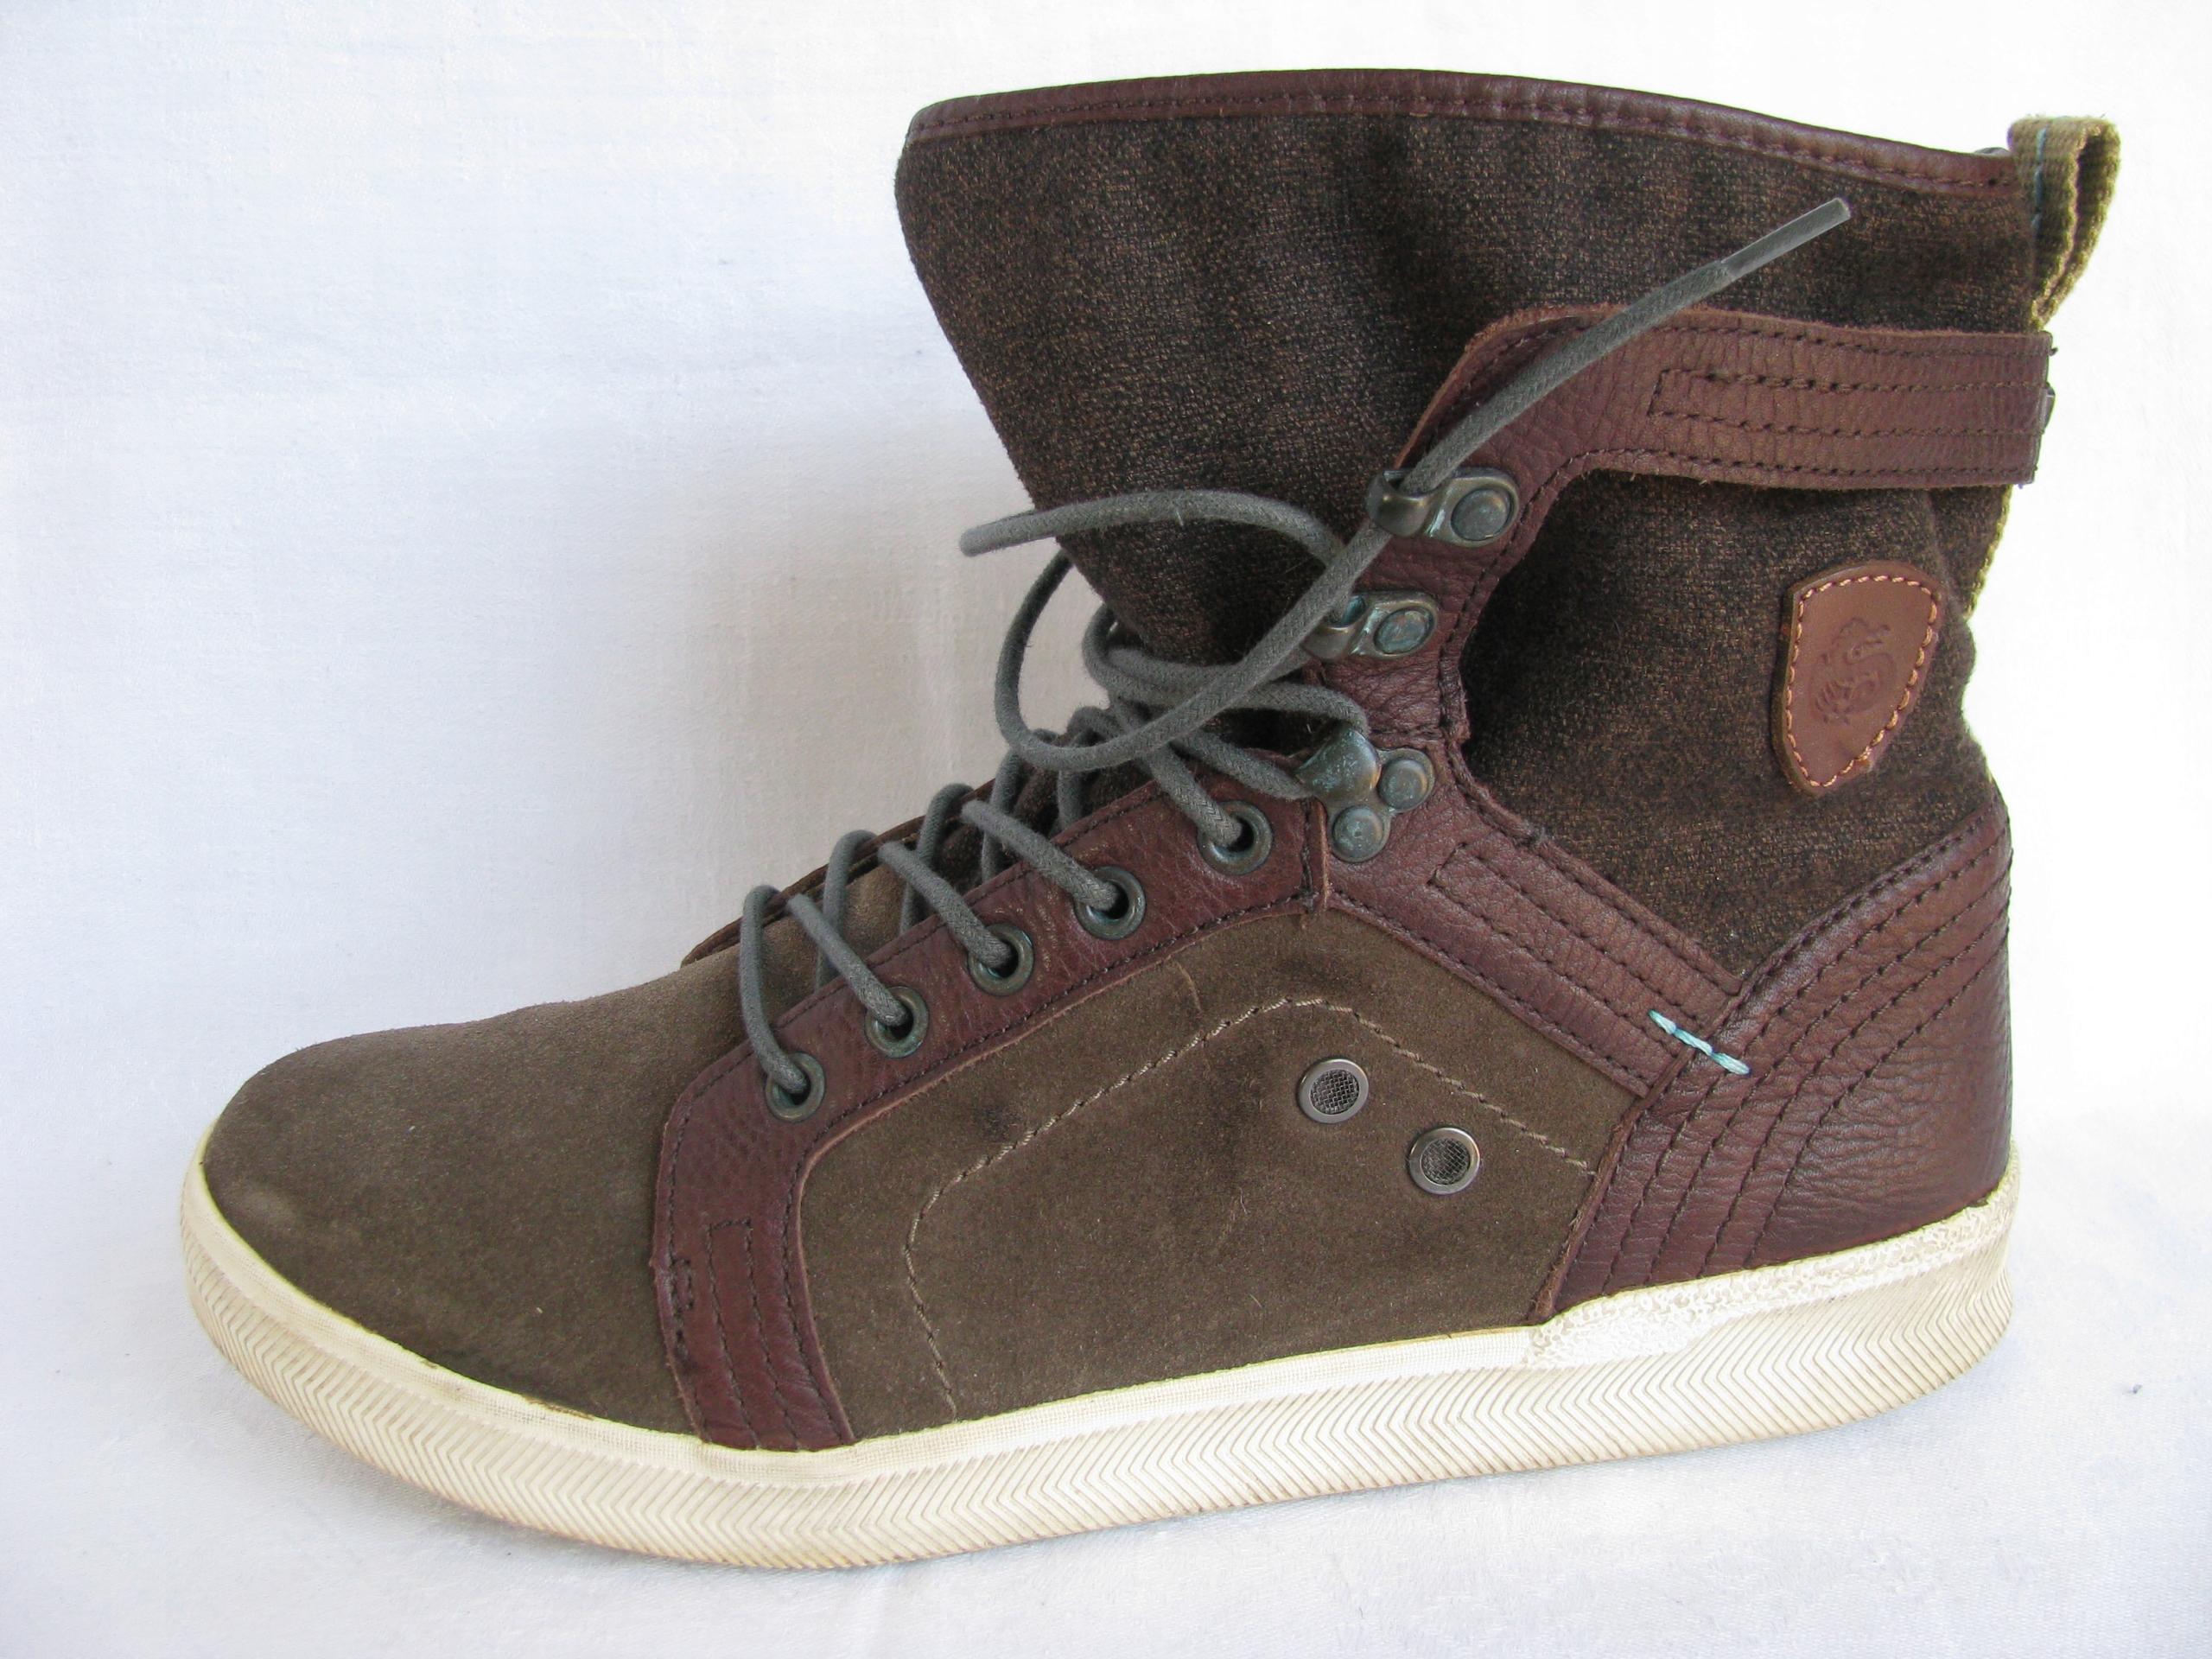 16212dc9182a7 FEUD wygodne buty r 43 (28,5cm) skóra - 7681486305 - oficjalne ...